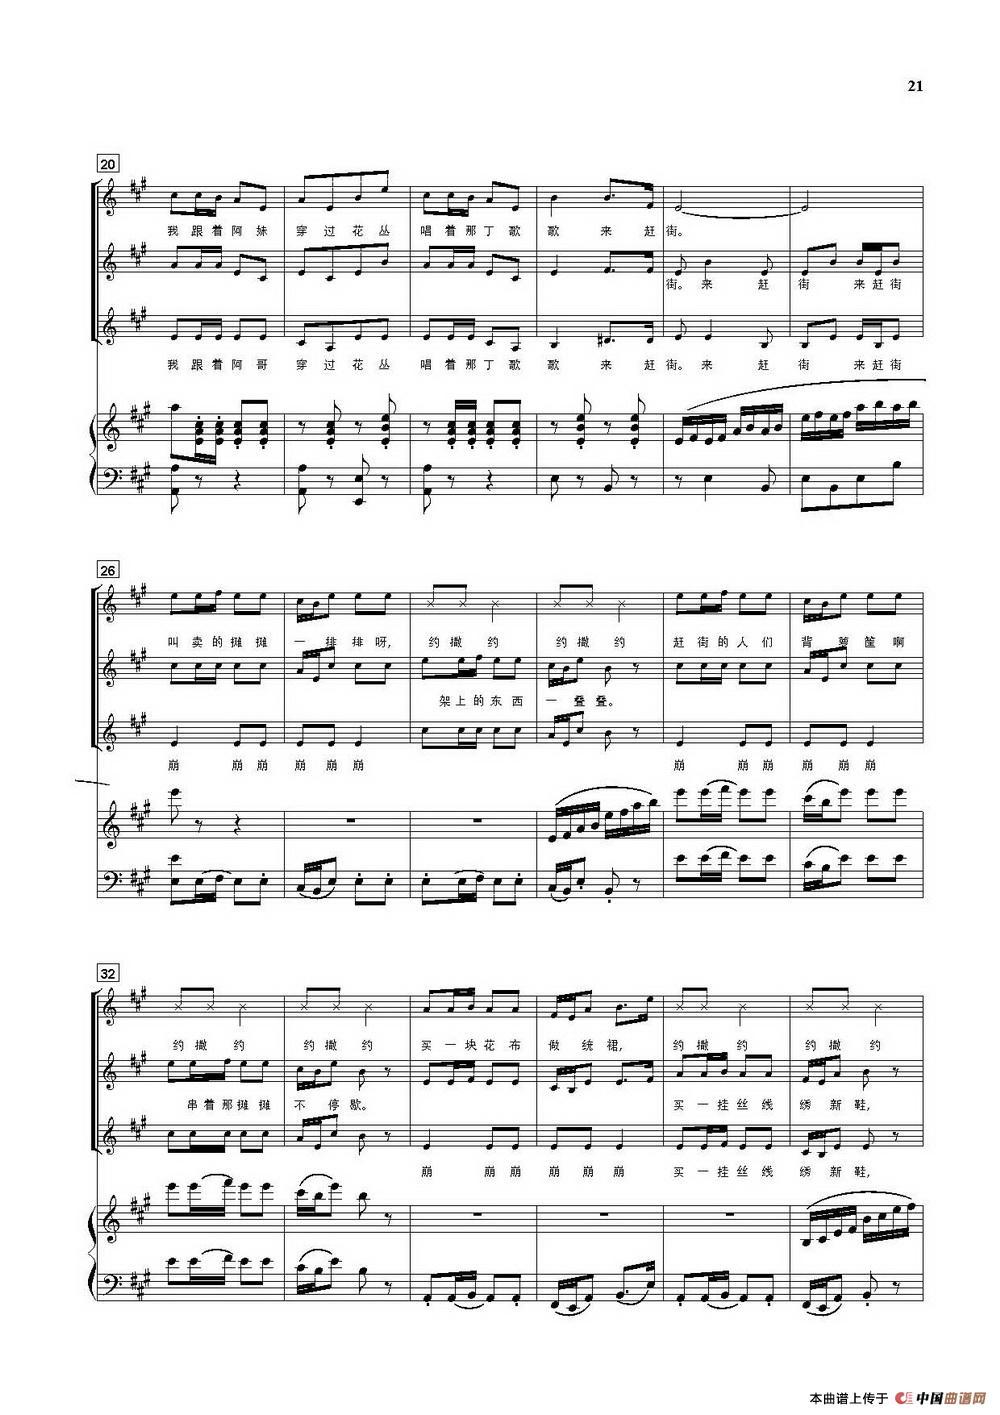 简谱(钢琴伴奏谱)